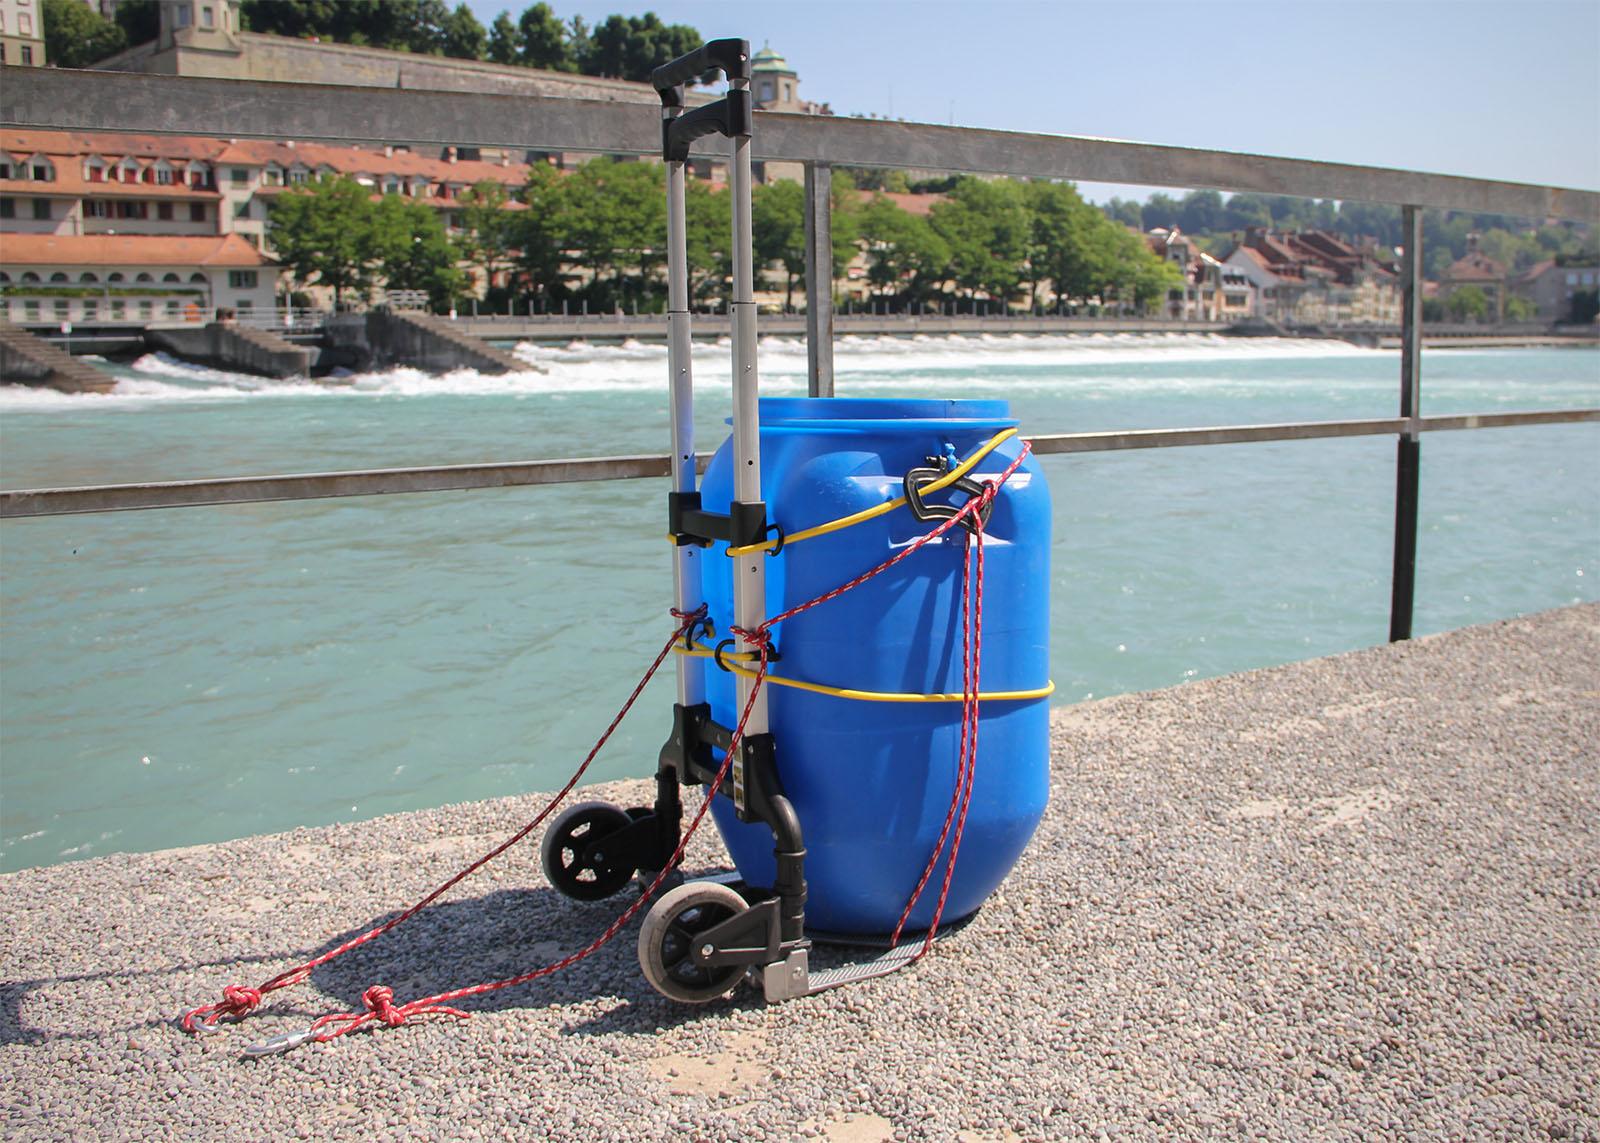 Mit Sackkarren und Fass lässt sich das Boot sowie andere Ausrüstung bequem transportieren